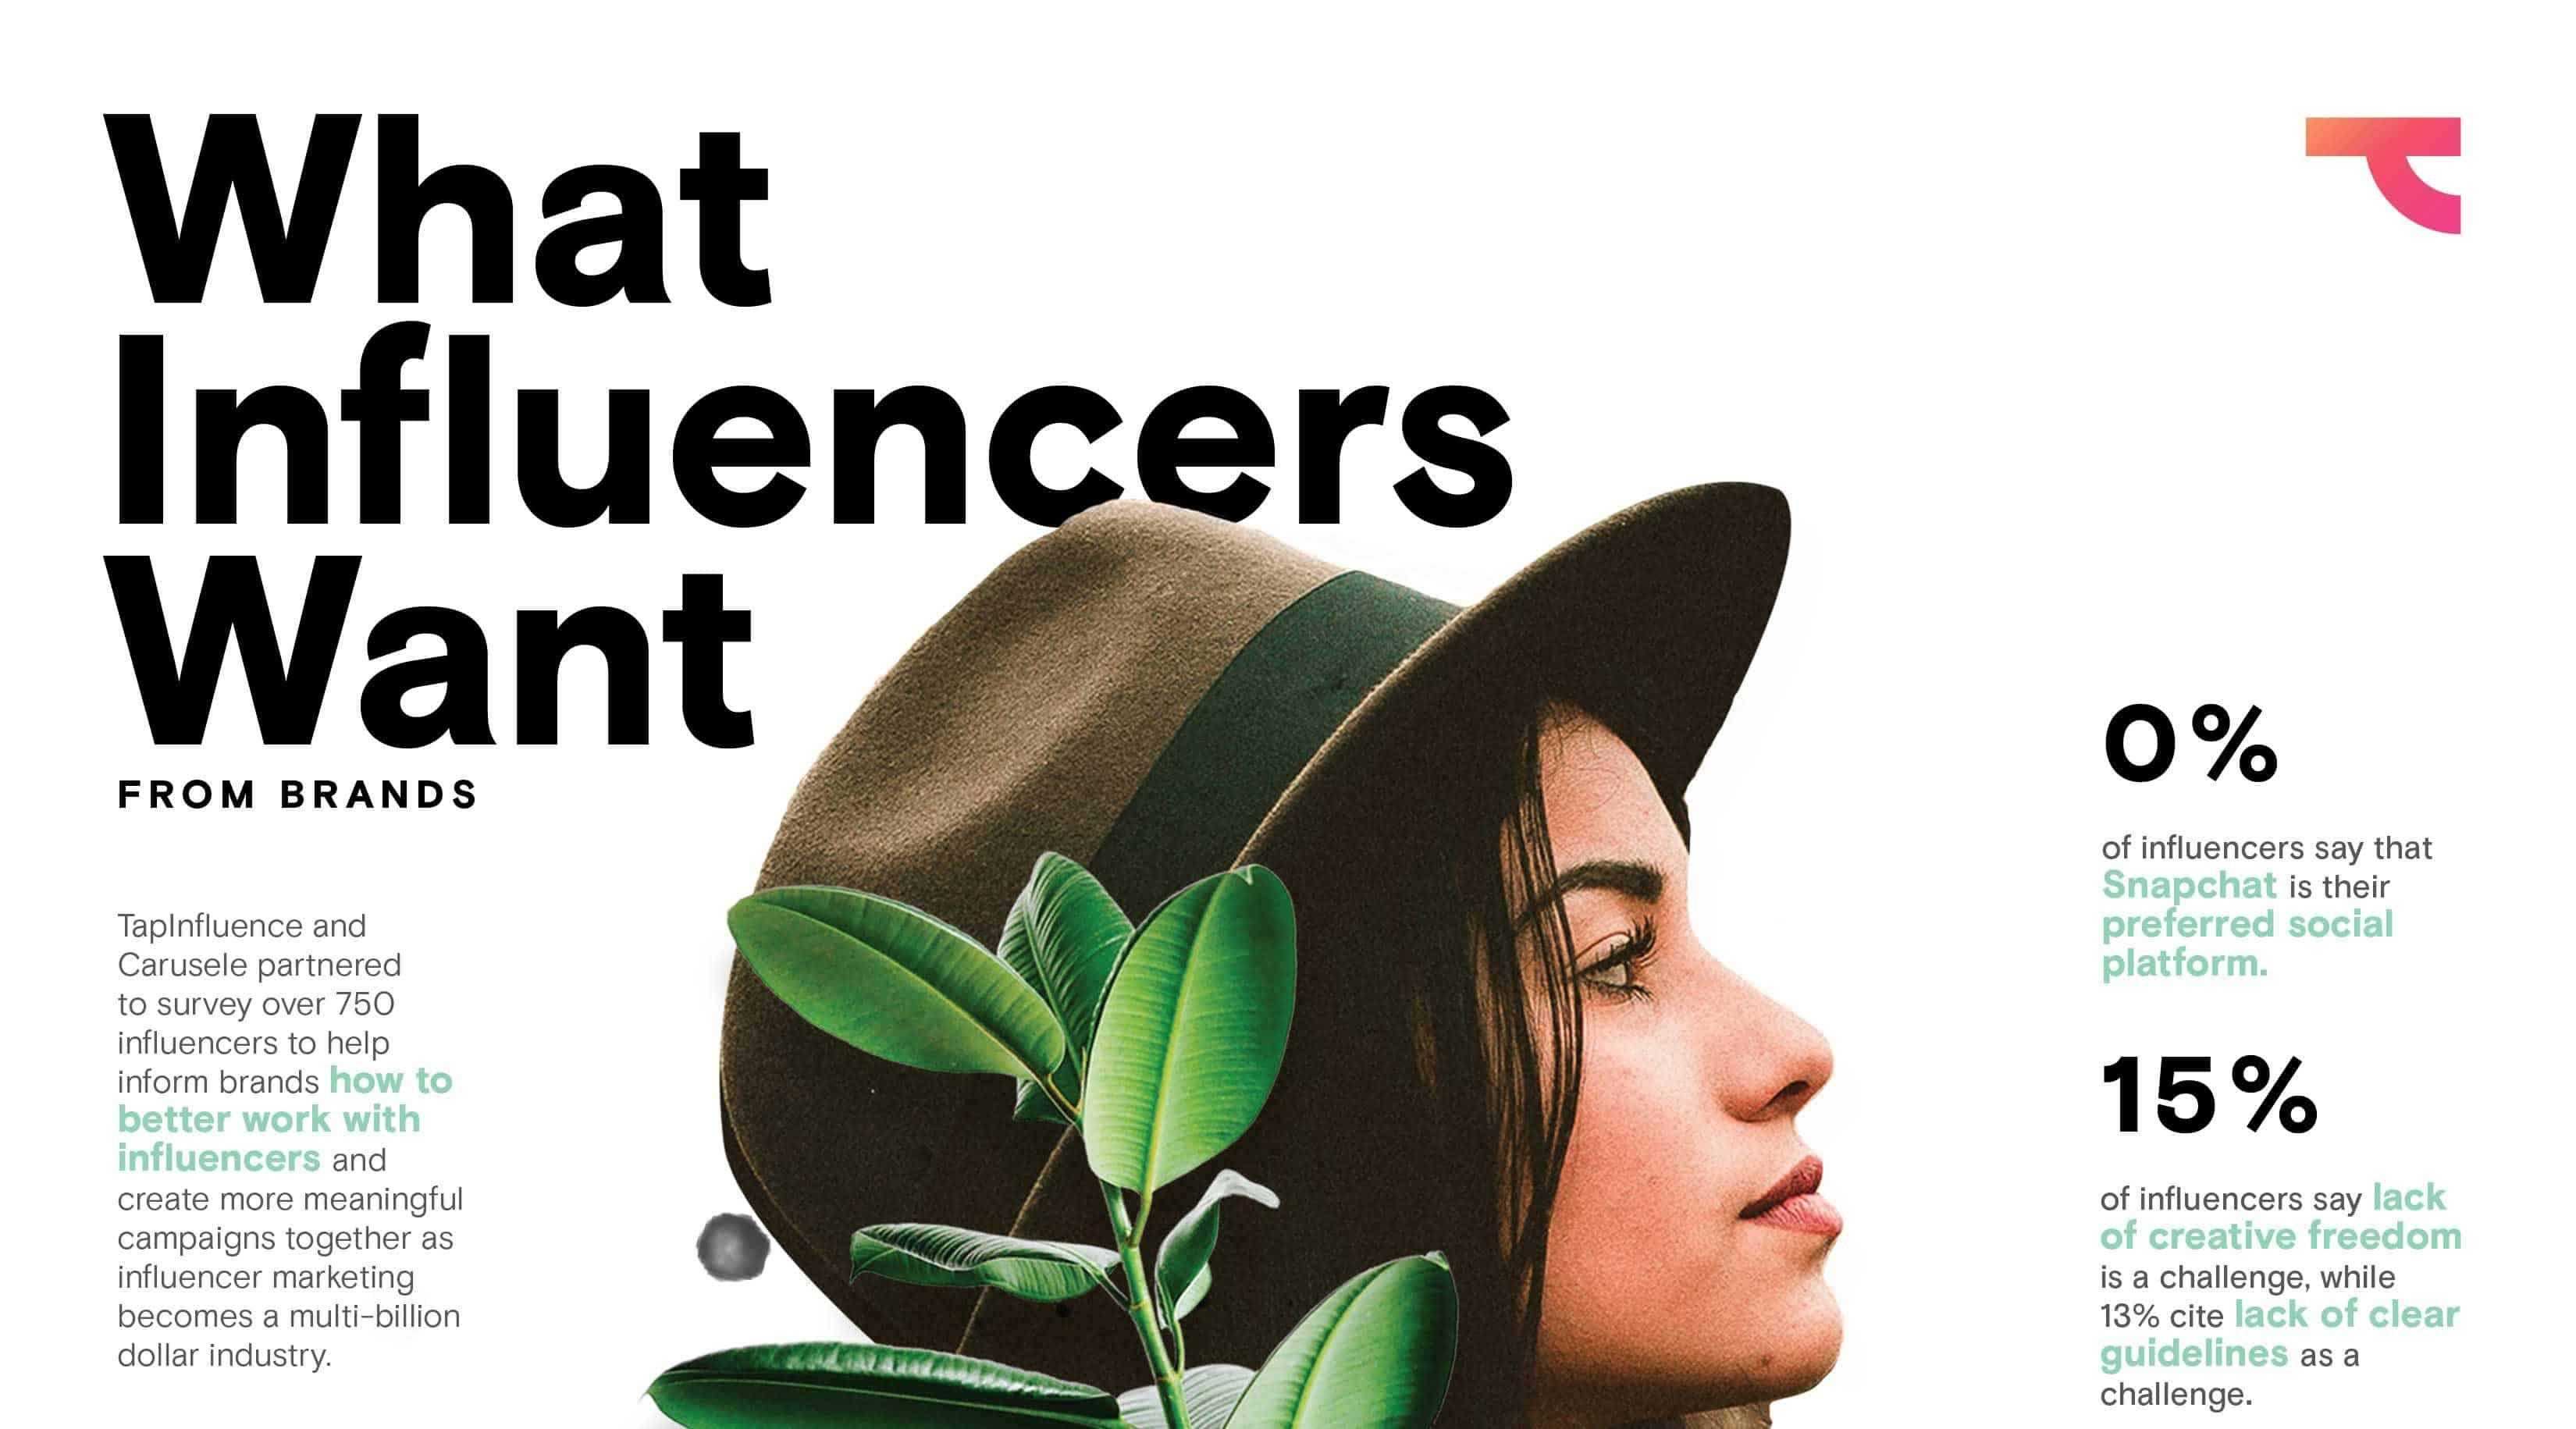 Influencers ต้องการอะไรจากแบรนด์เพื่อให้งานปังไม่ใช่แป๊ก